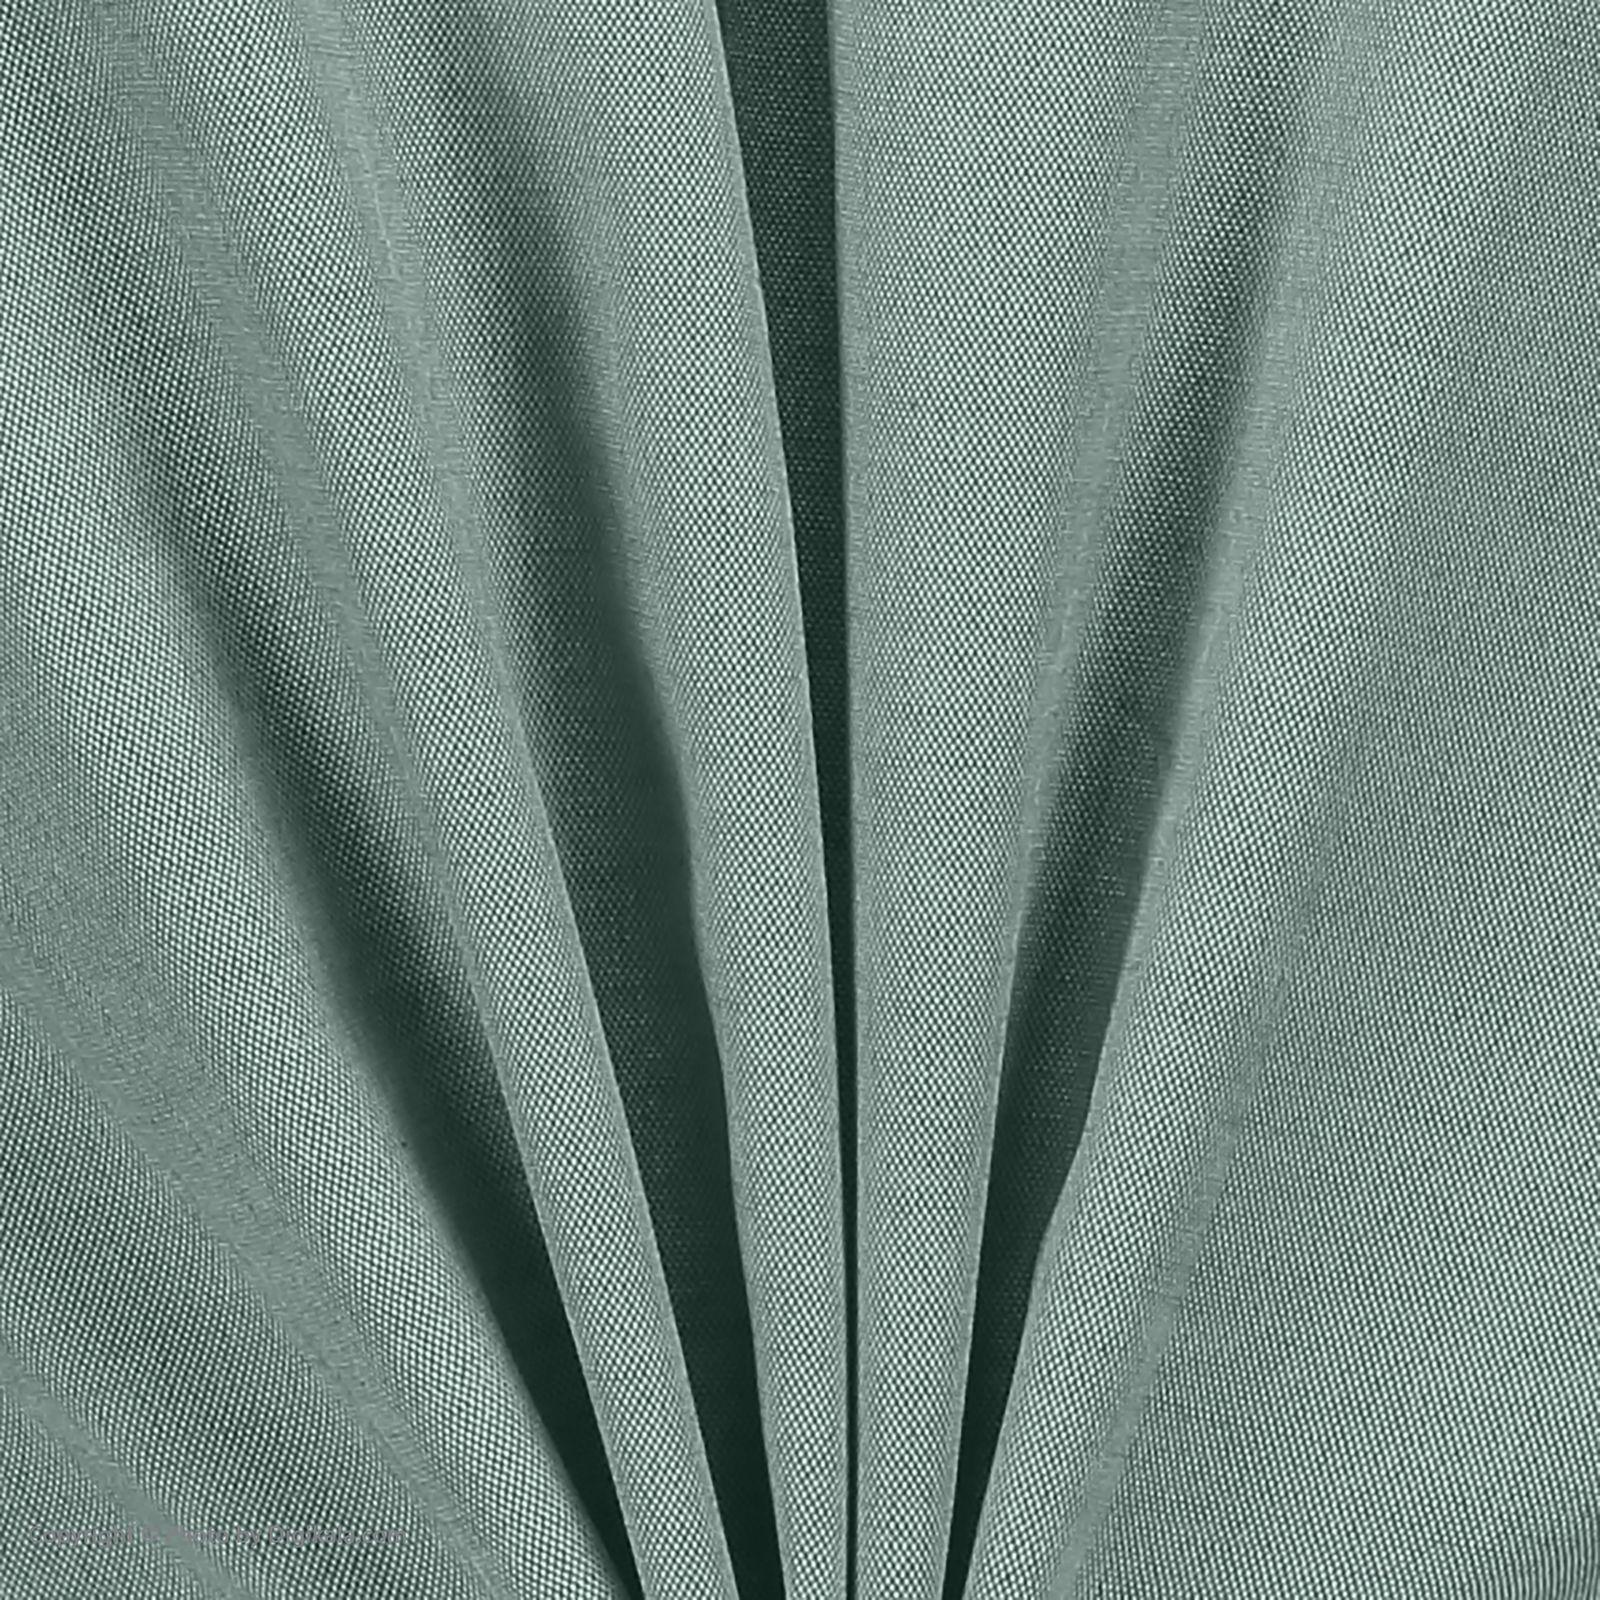 پیراهن مردانه زی مدل 153118643ML -  - 5